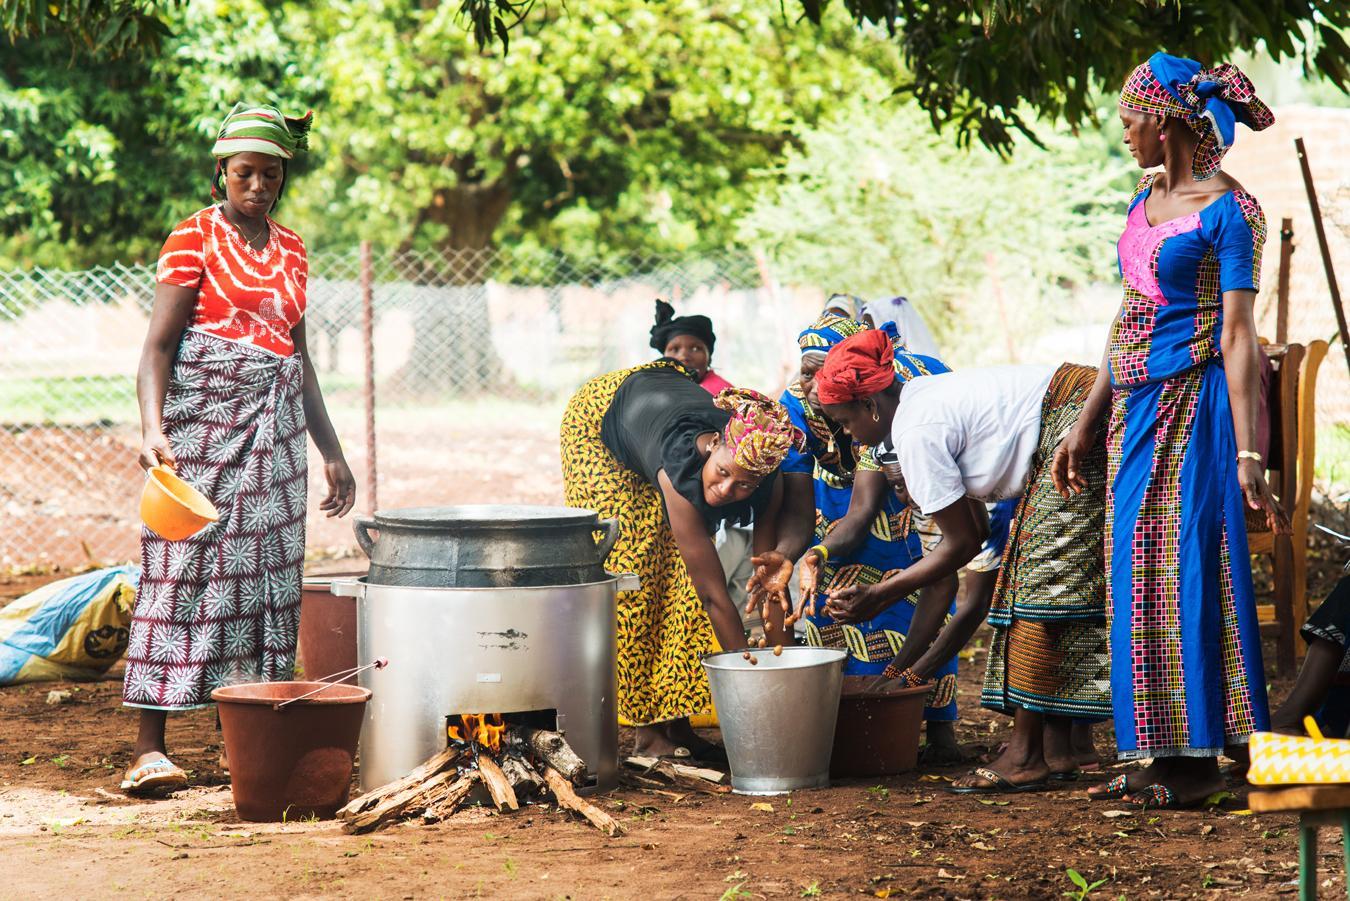 Loders Croklaan verhuist productie van populaire shea-boter deels van Wormerveer naar Ghana [video]